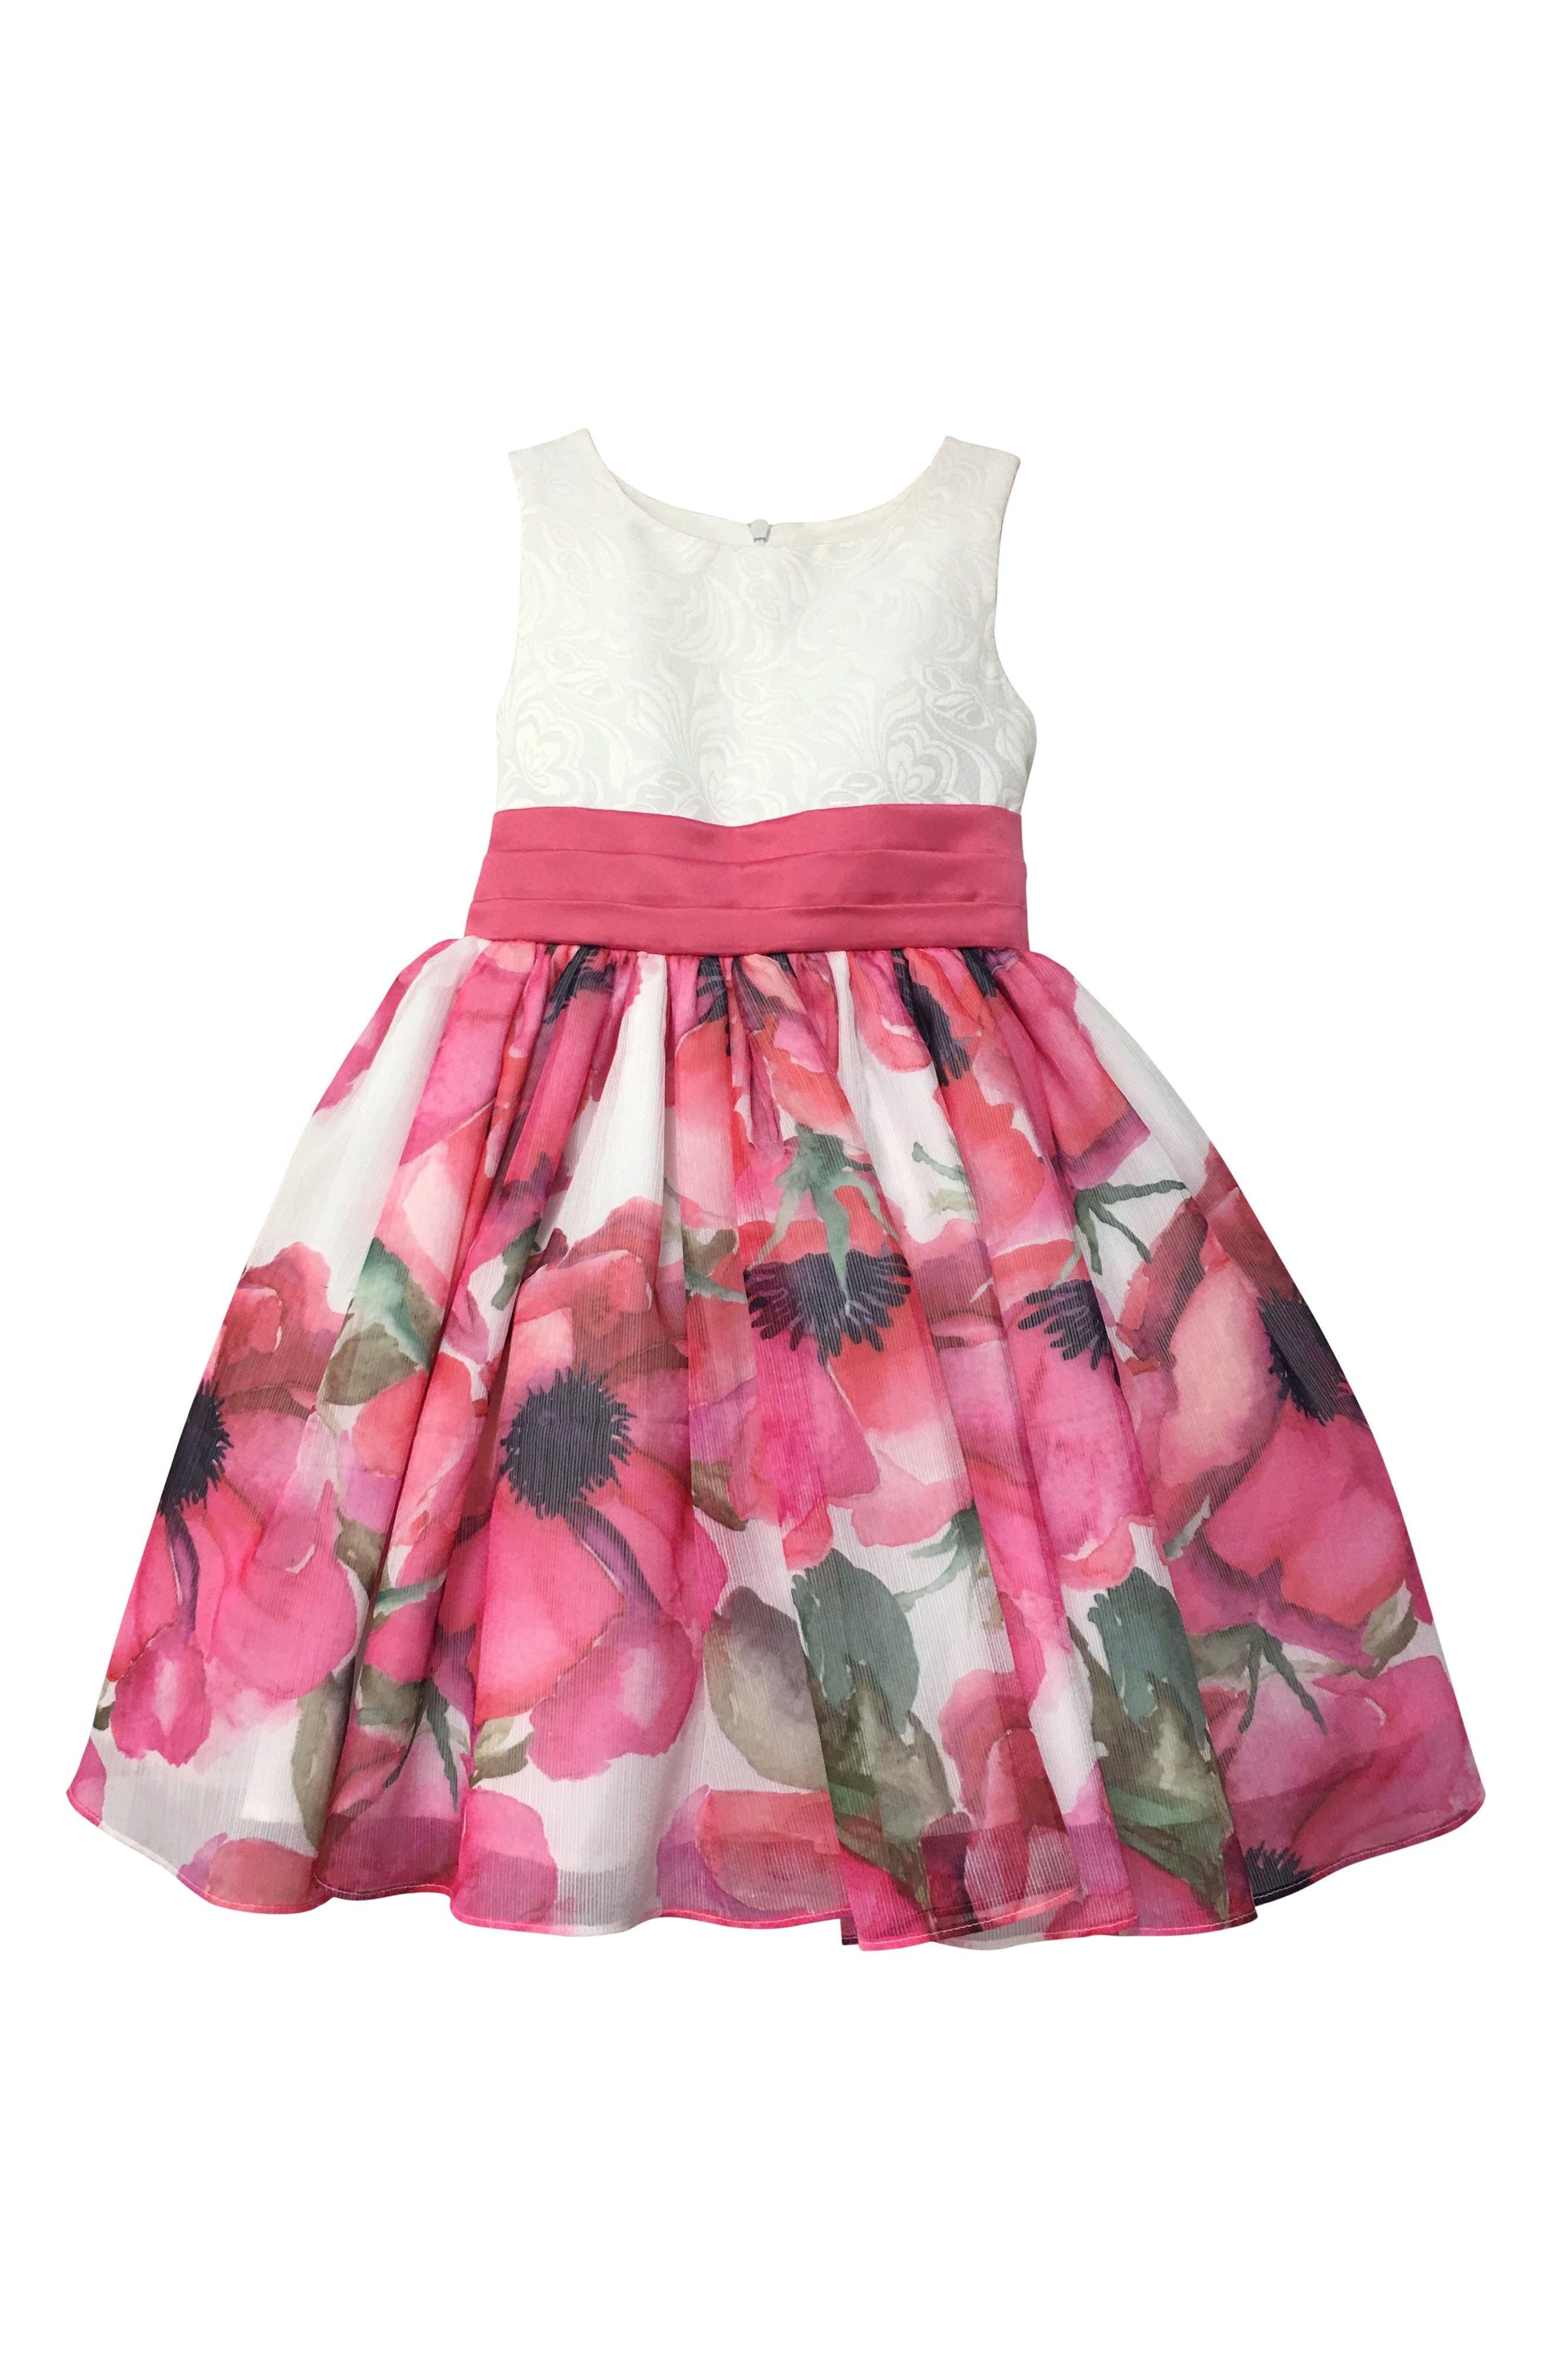 Resa Floral Party Dress,                         Main,                         color, Multi Floral